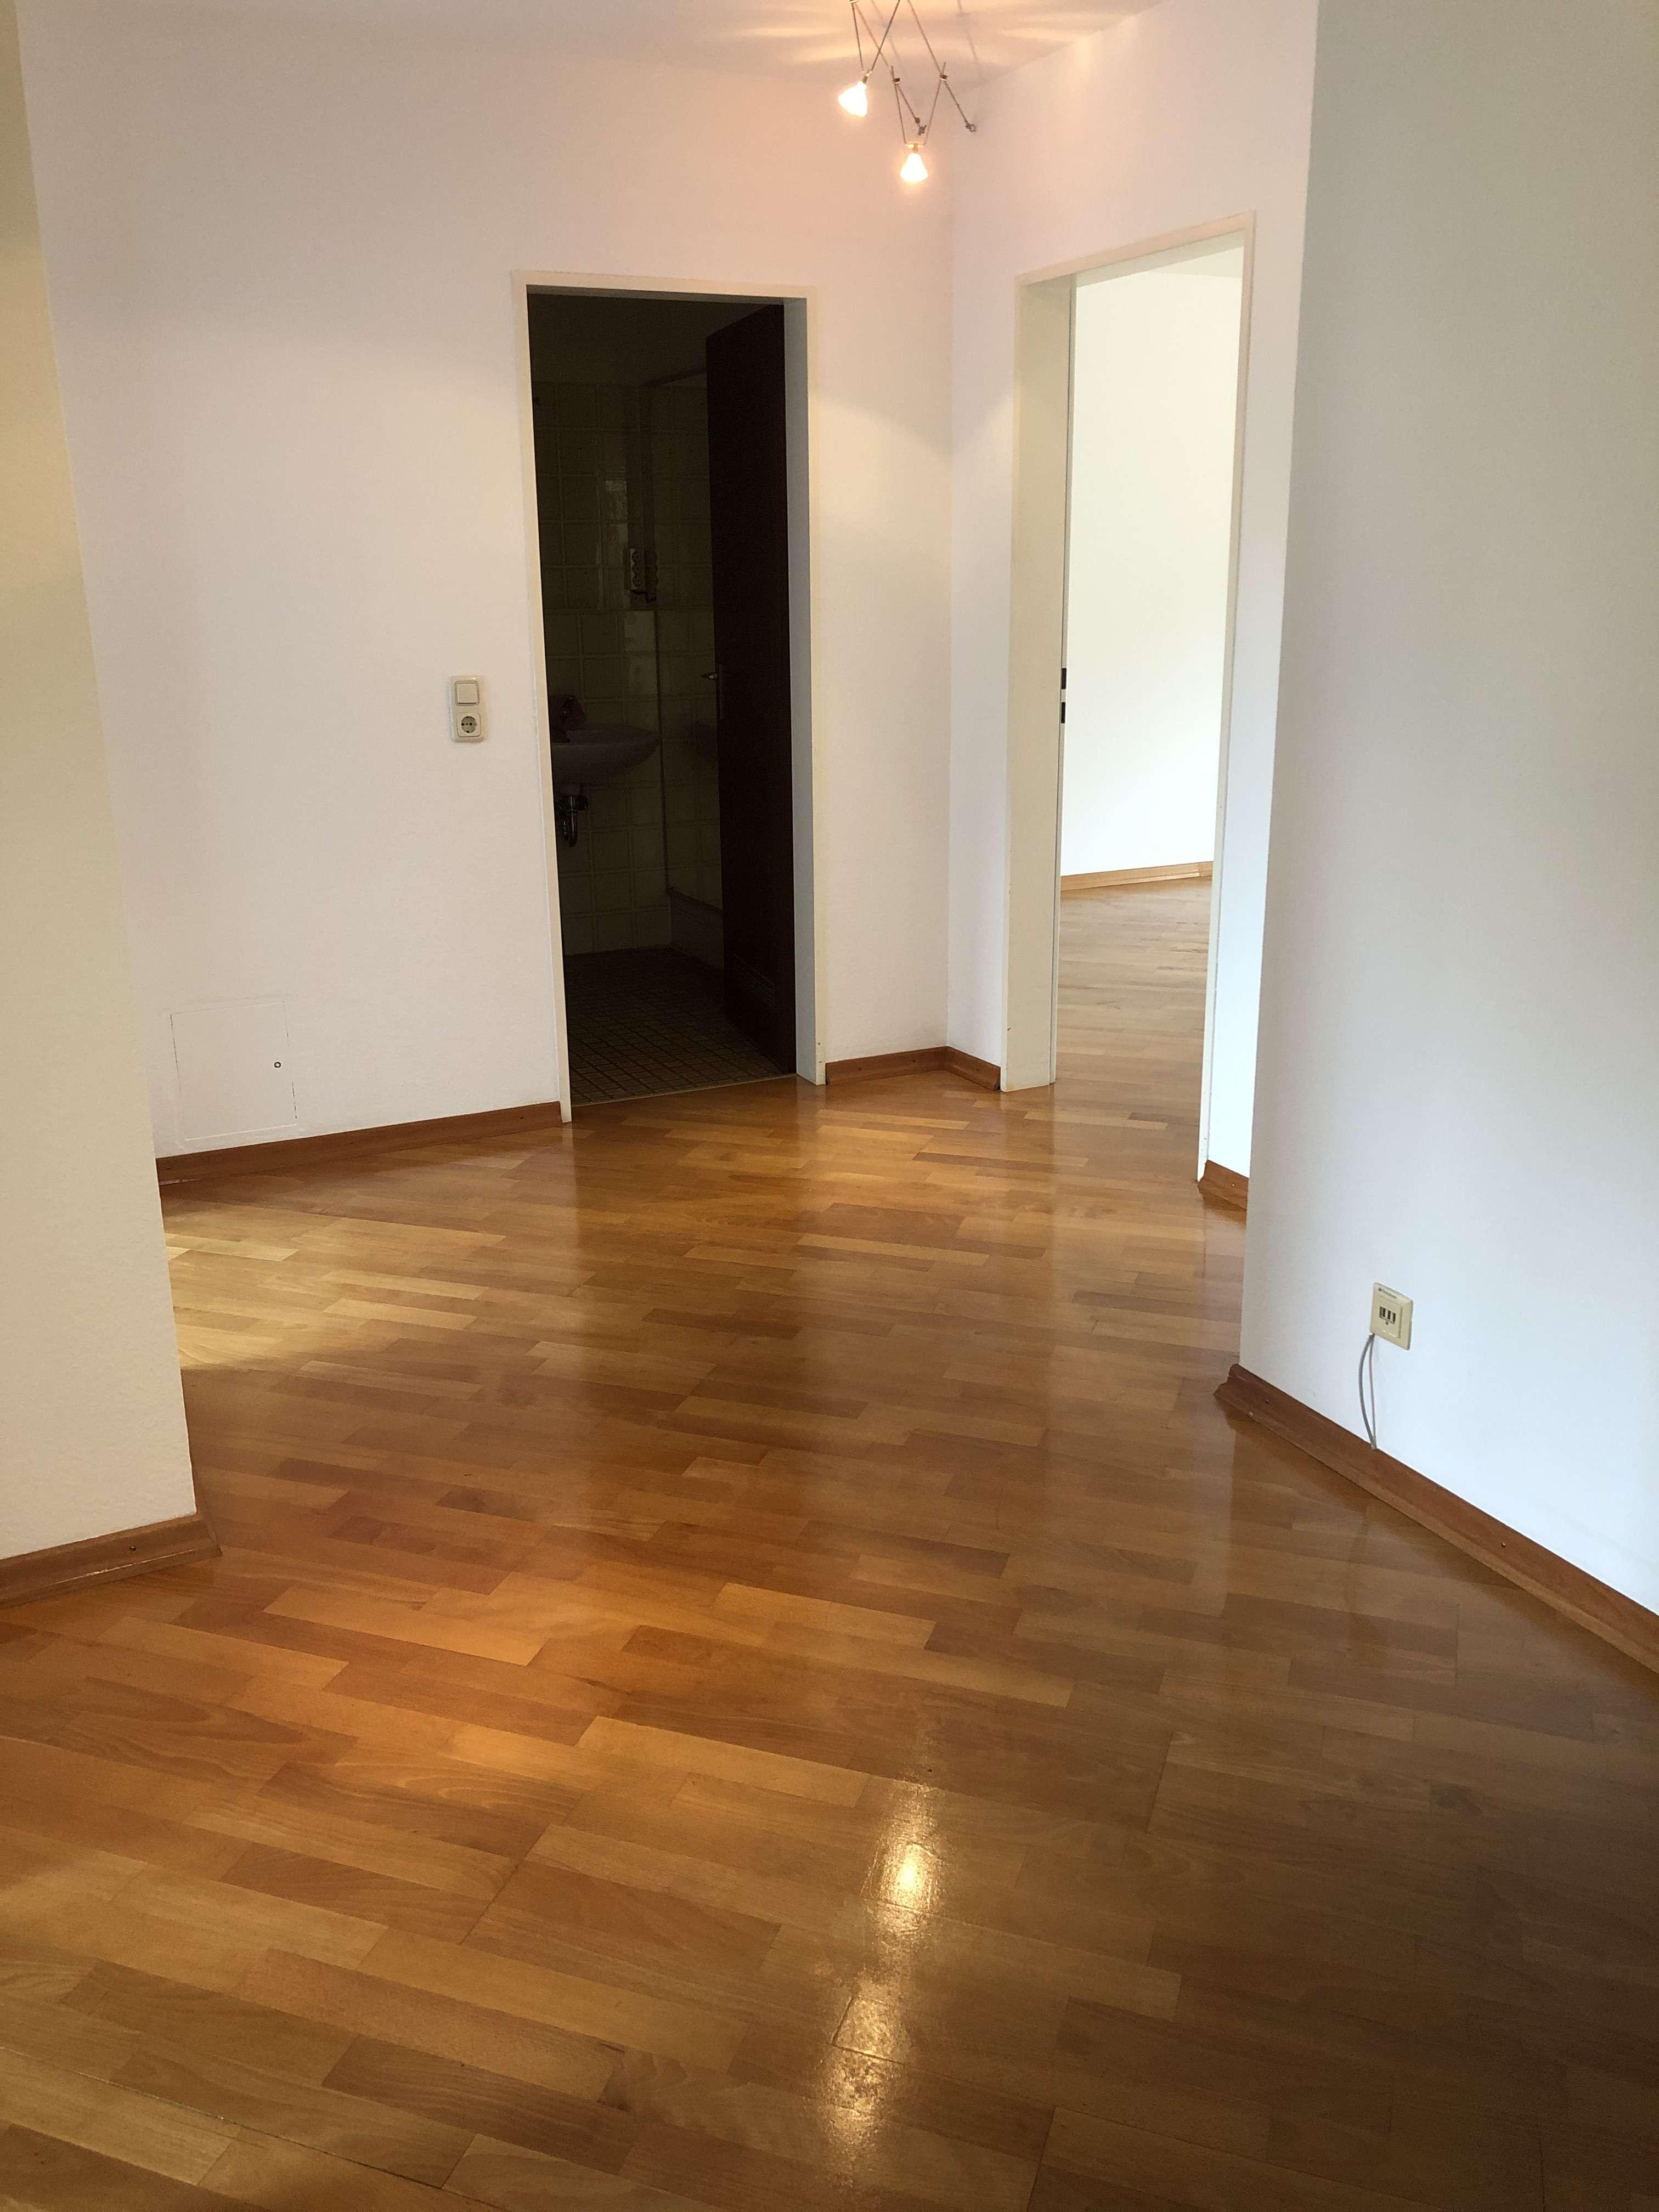 Gute schnittene, sonnige 3-Zimmer-DG-Wohnung mit Balkon und Einbauküche in Harlaching, München